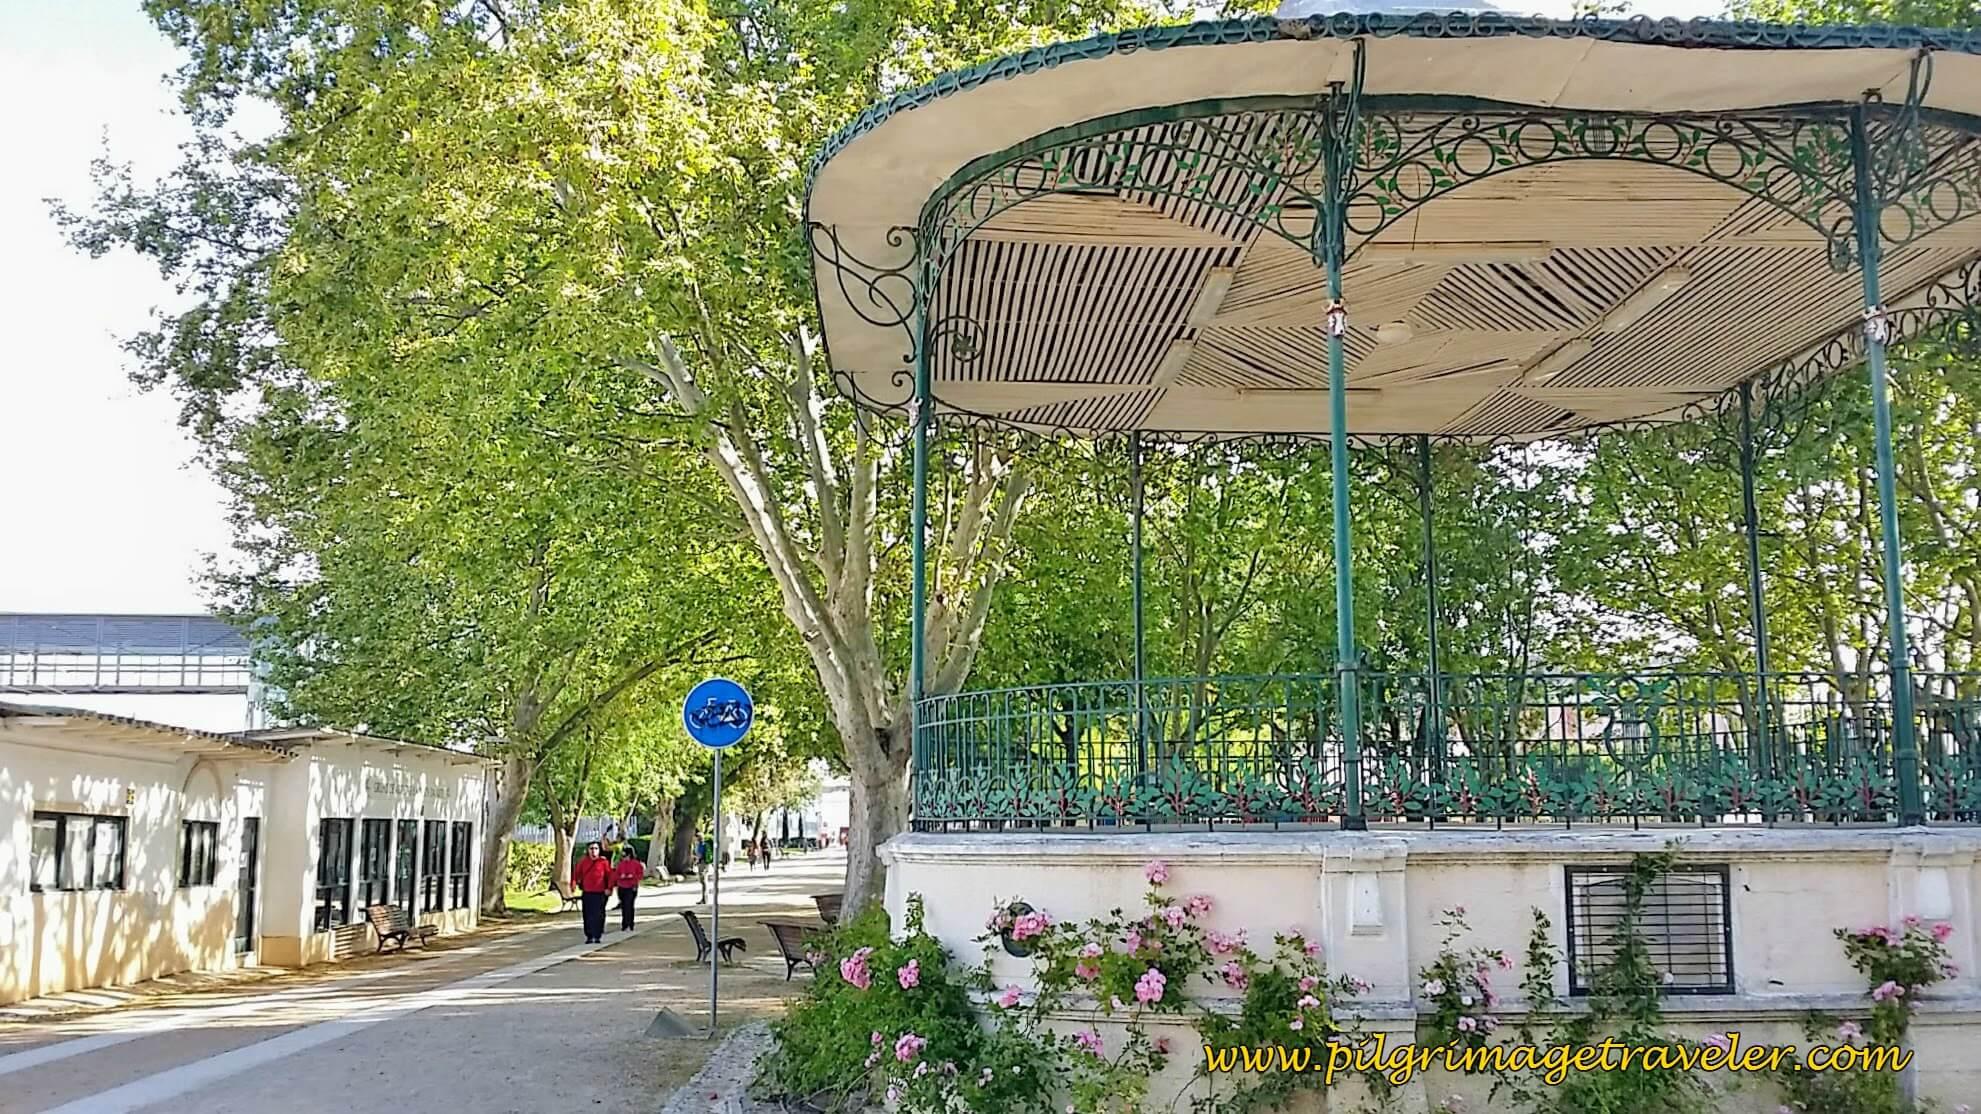 A Grand Stand at the the Park Jardim Municipal Constantino Palha, Vila Franca de Xira, Portugal